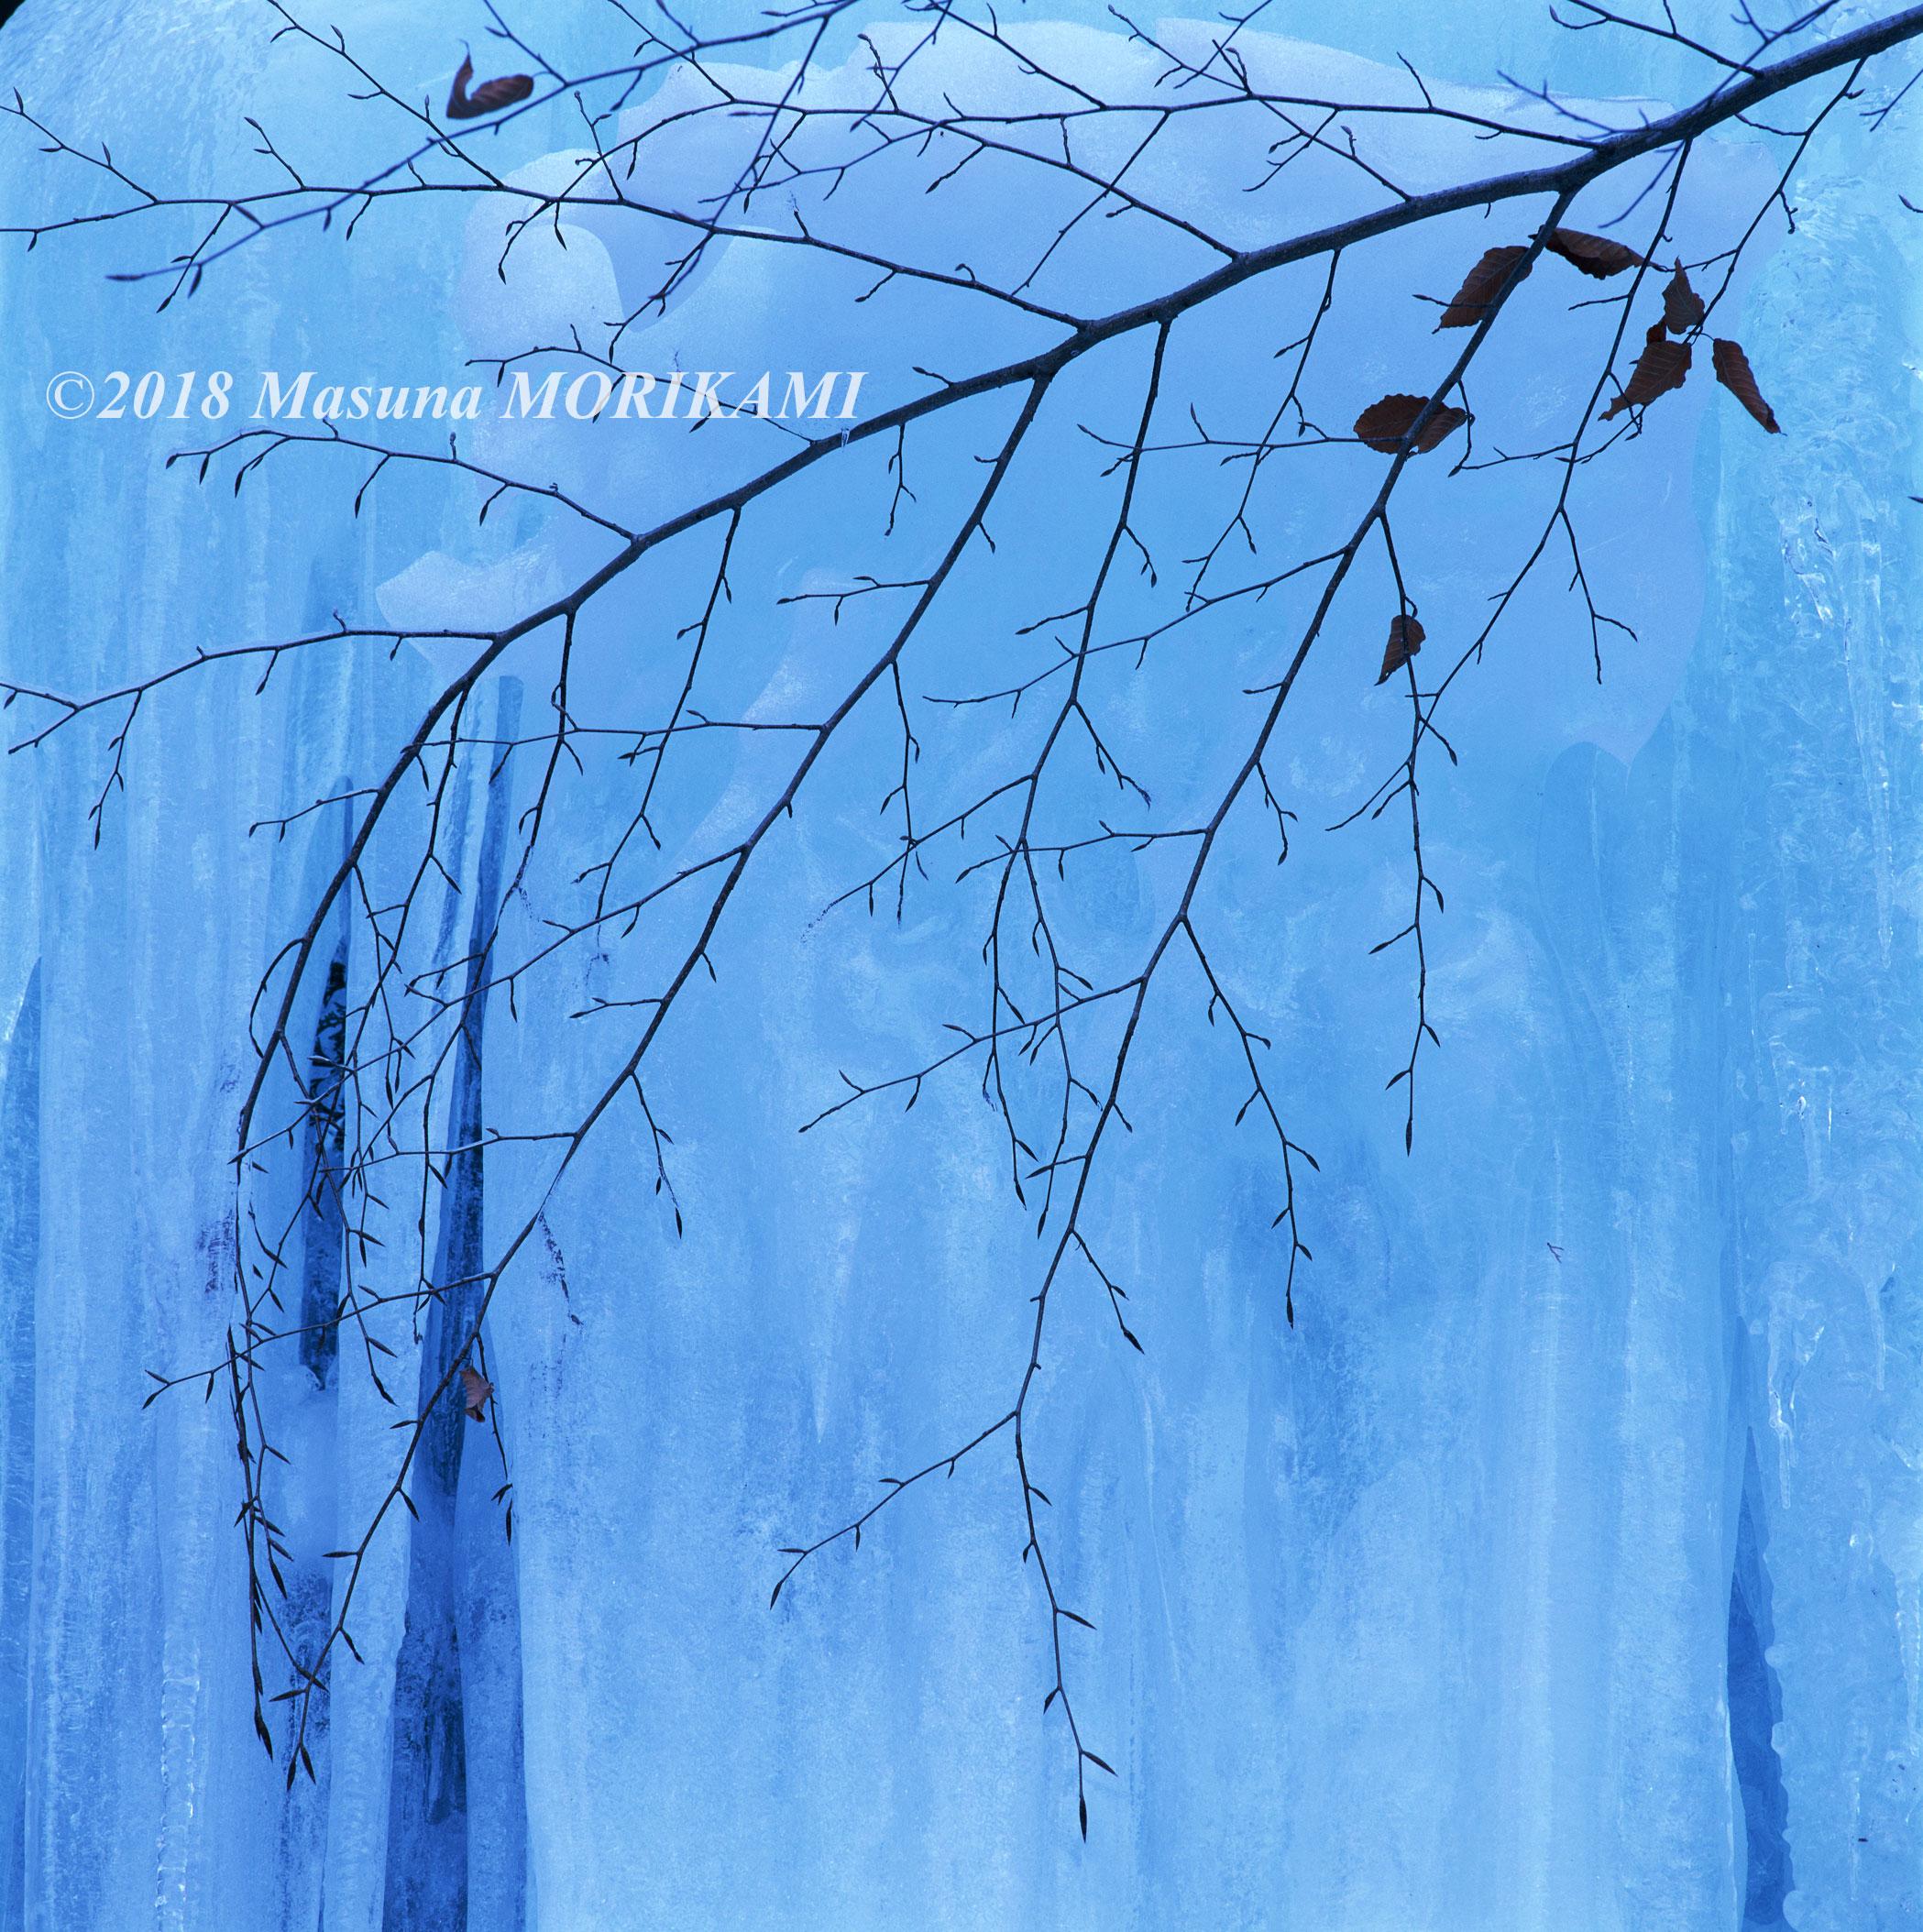 26 凍る枝先/愛知県設楽町/2006.1.22 14:20